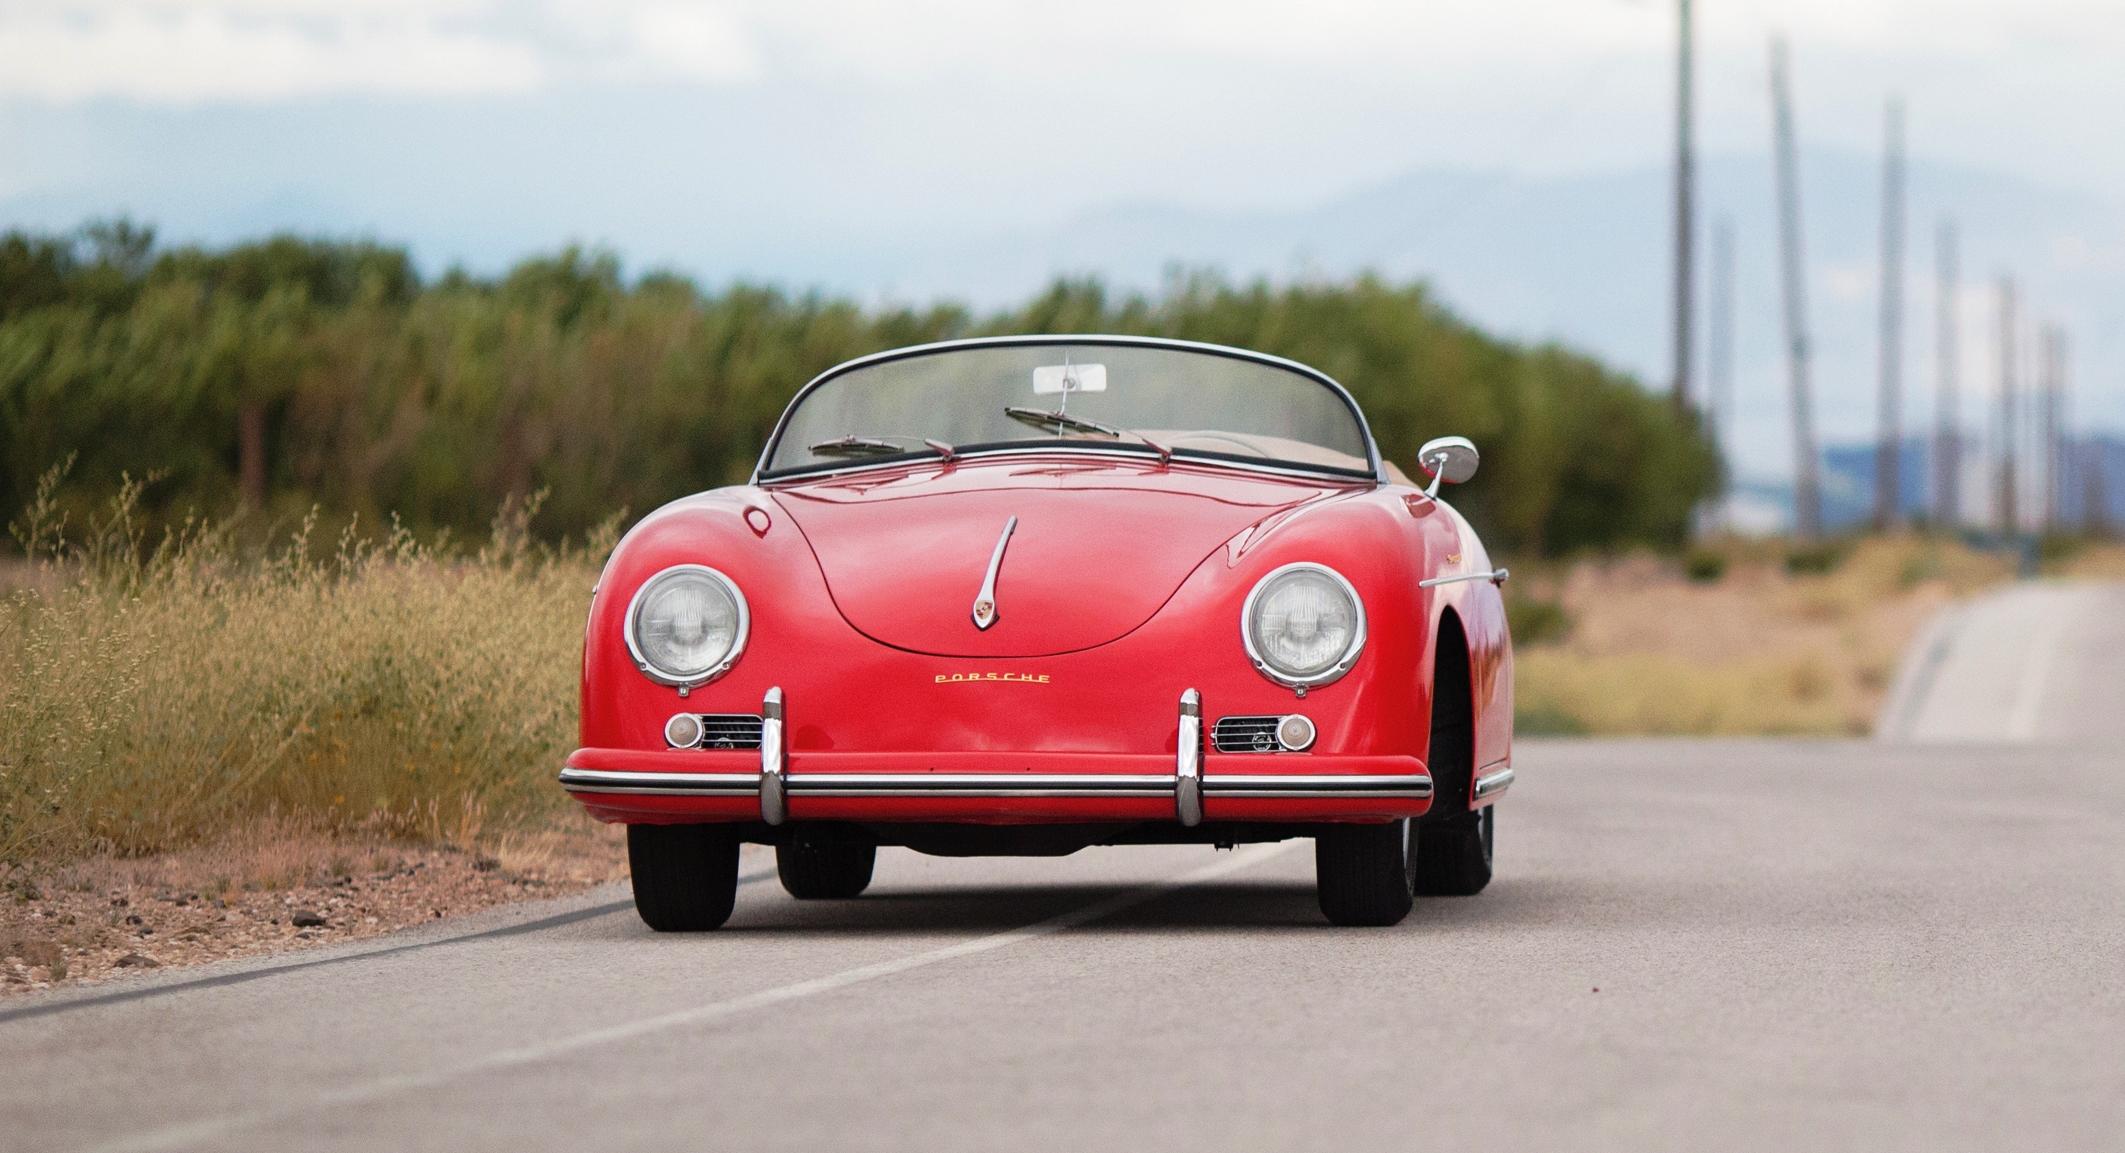 1958 Porsche 356a 1600 Speedster By Reutter